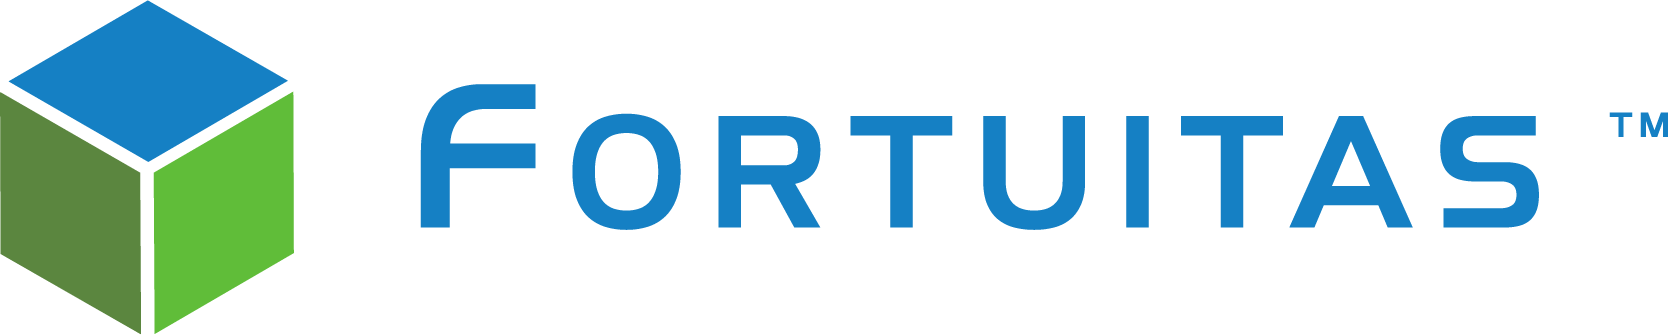 partner: Fortuitas